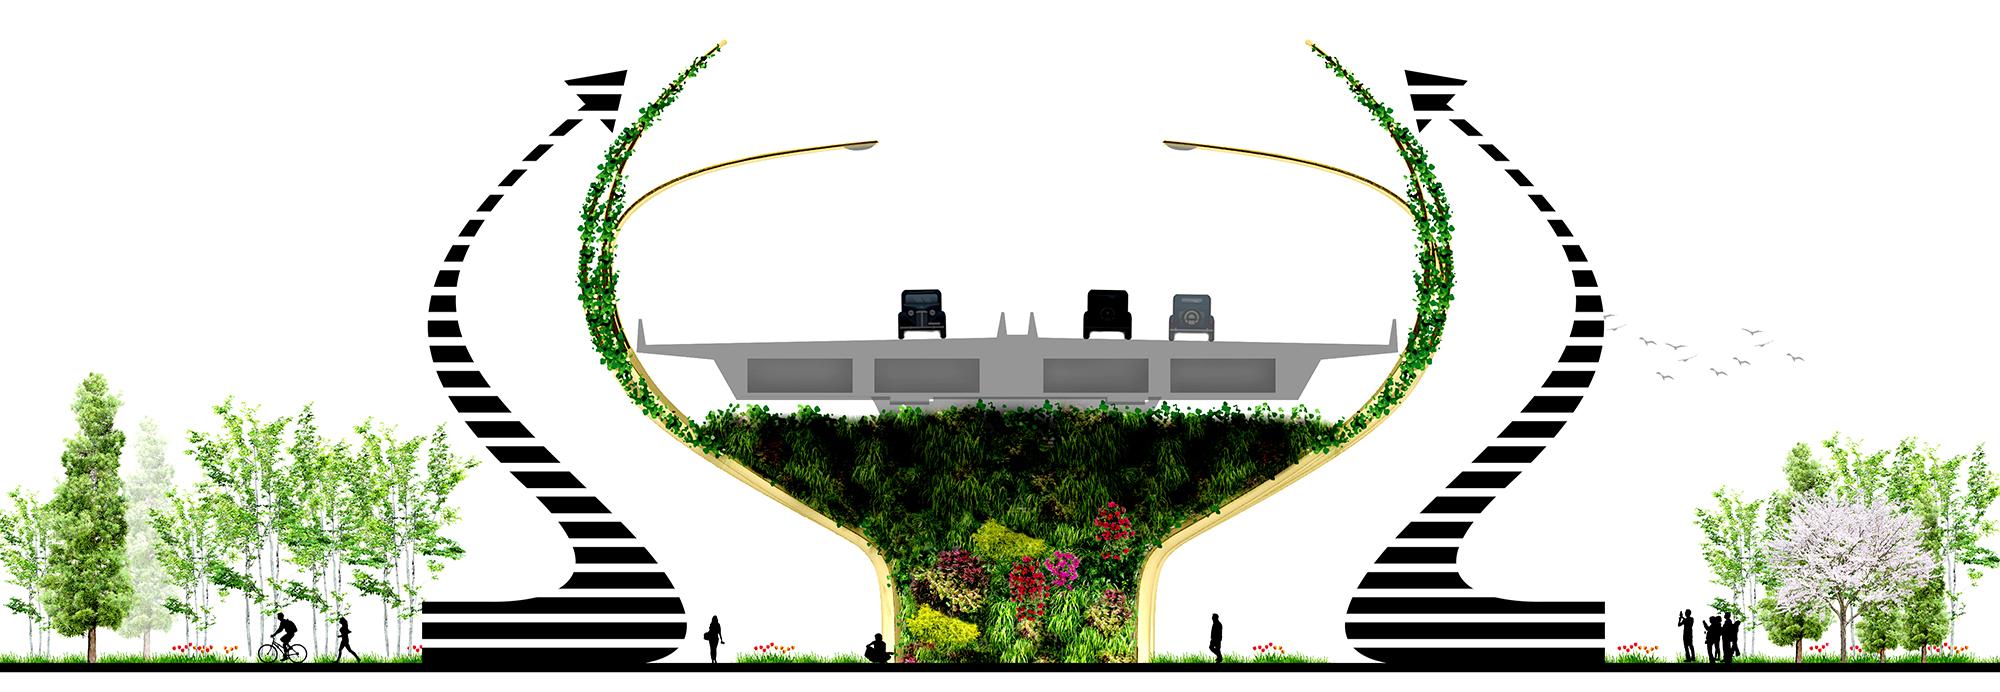 felixx-flowerstructure-section.jpg